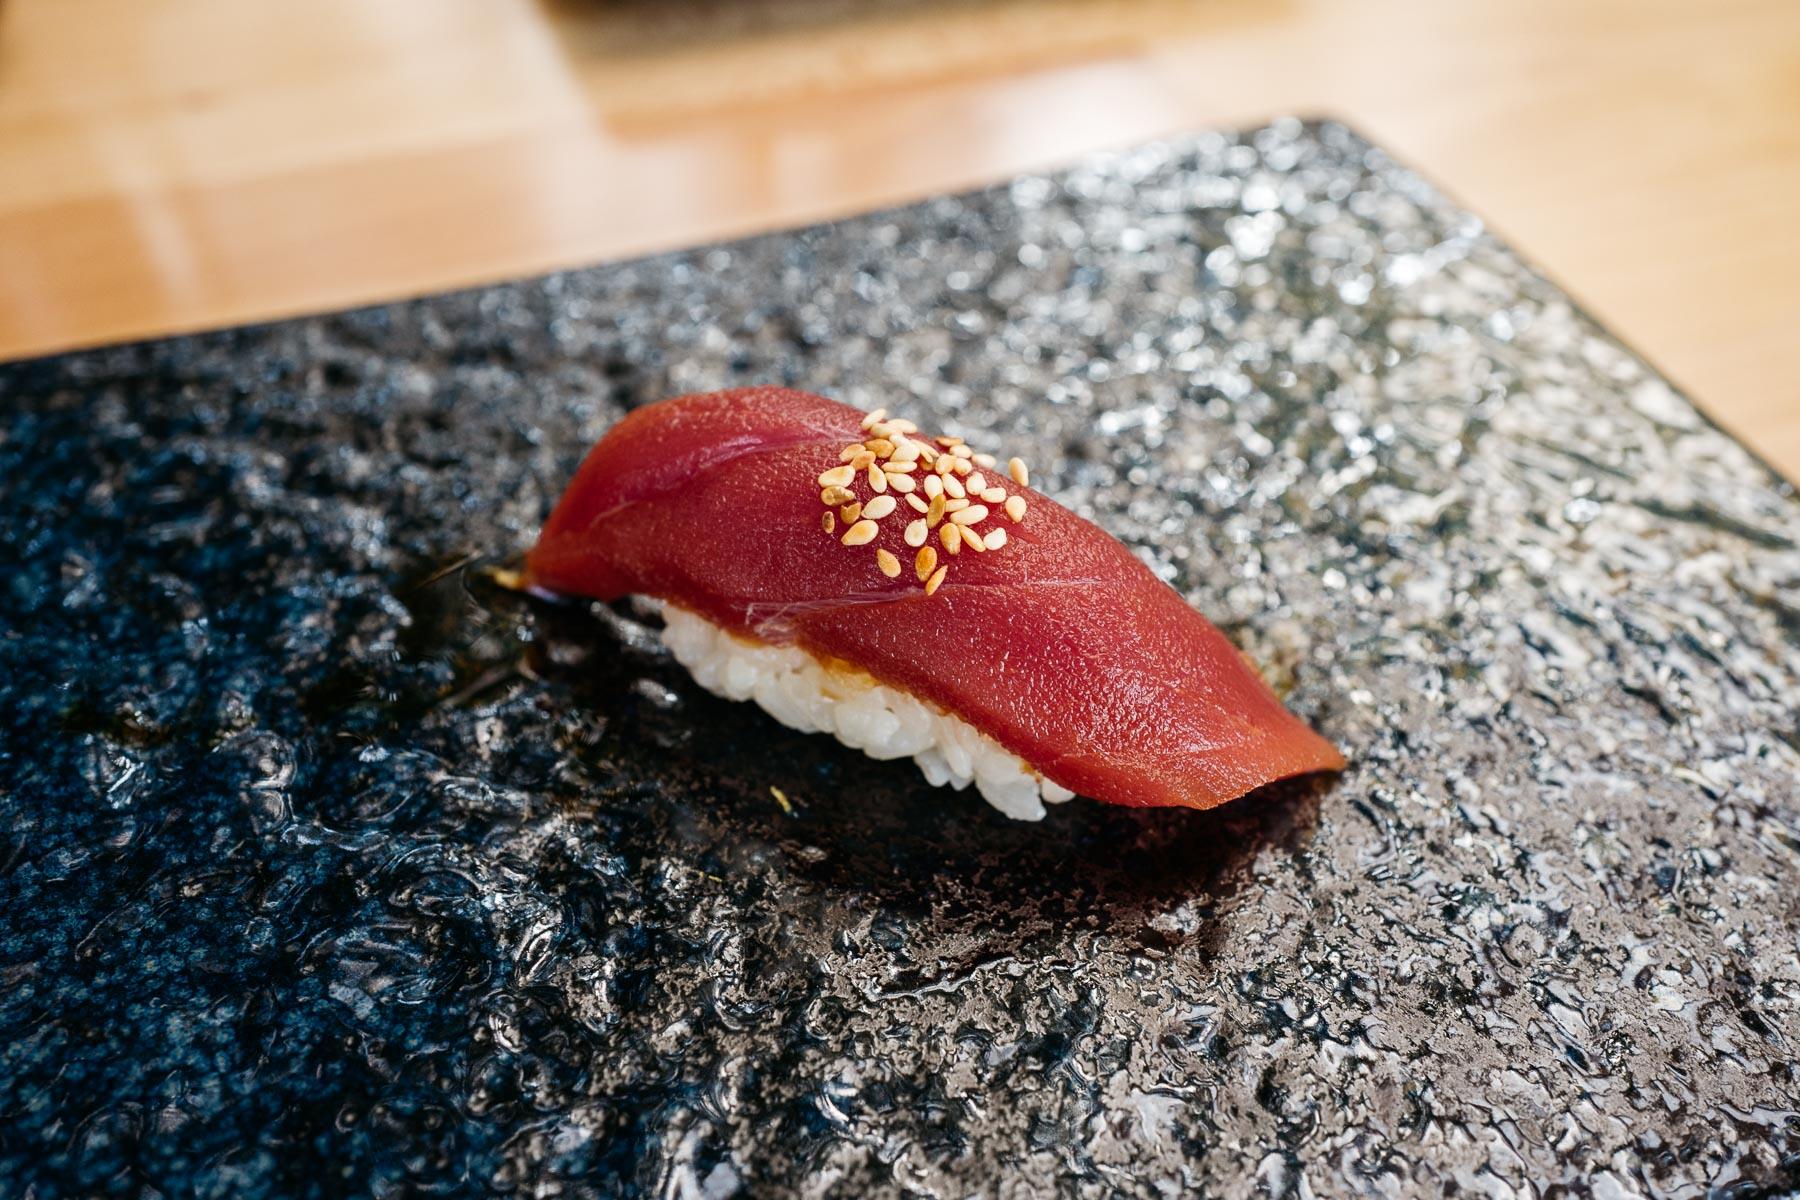 tsukmaguro (tuńczyk zamarynowany)